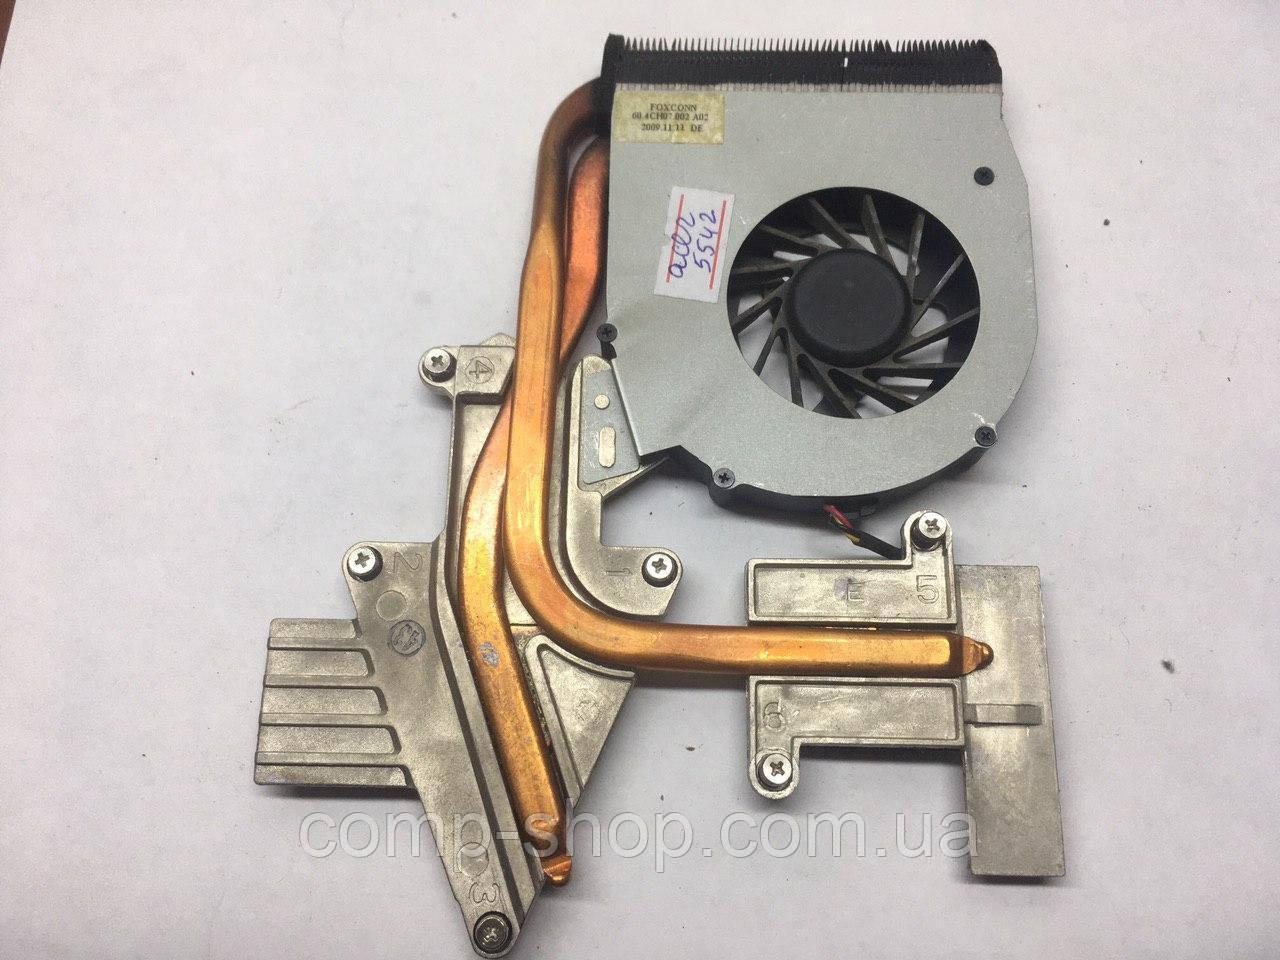 БУ Система охлаждения Acer Aspire5536G (Оригинал)